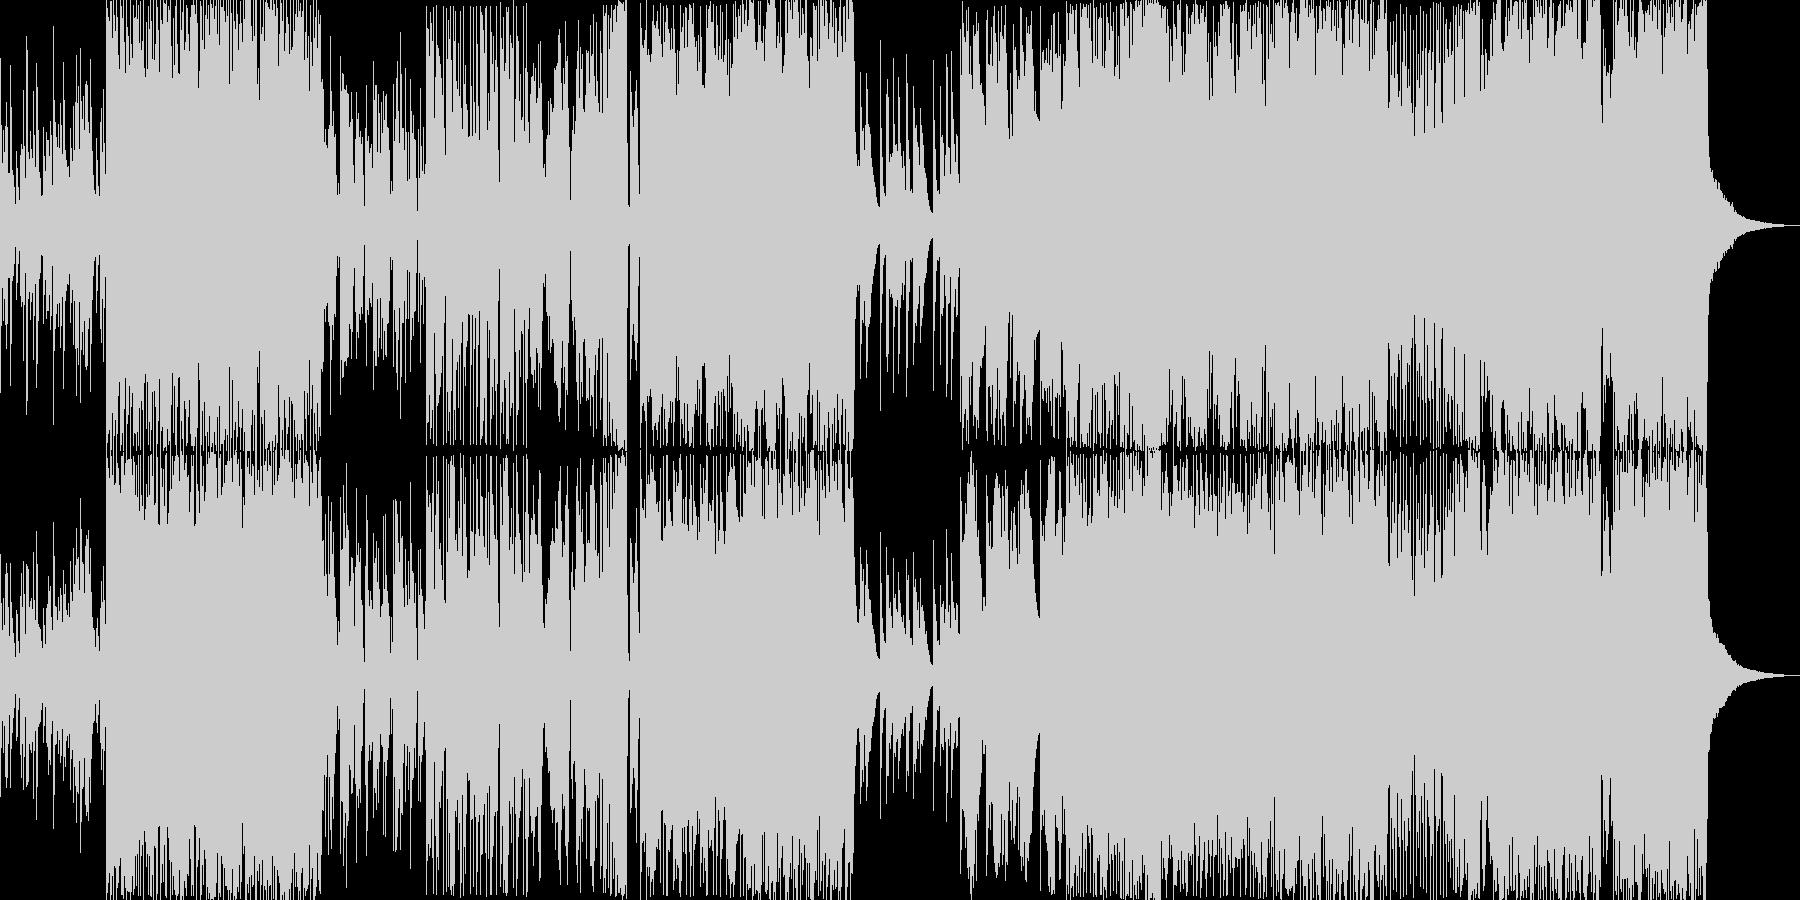 花火をイメージしたしっぽりEDMの未再生の波形